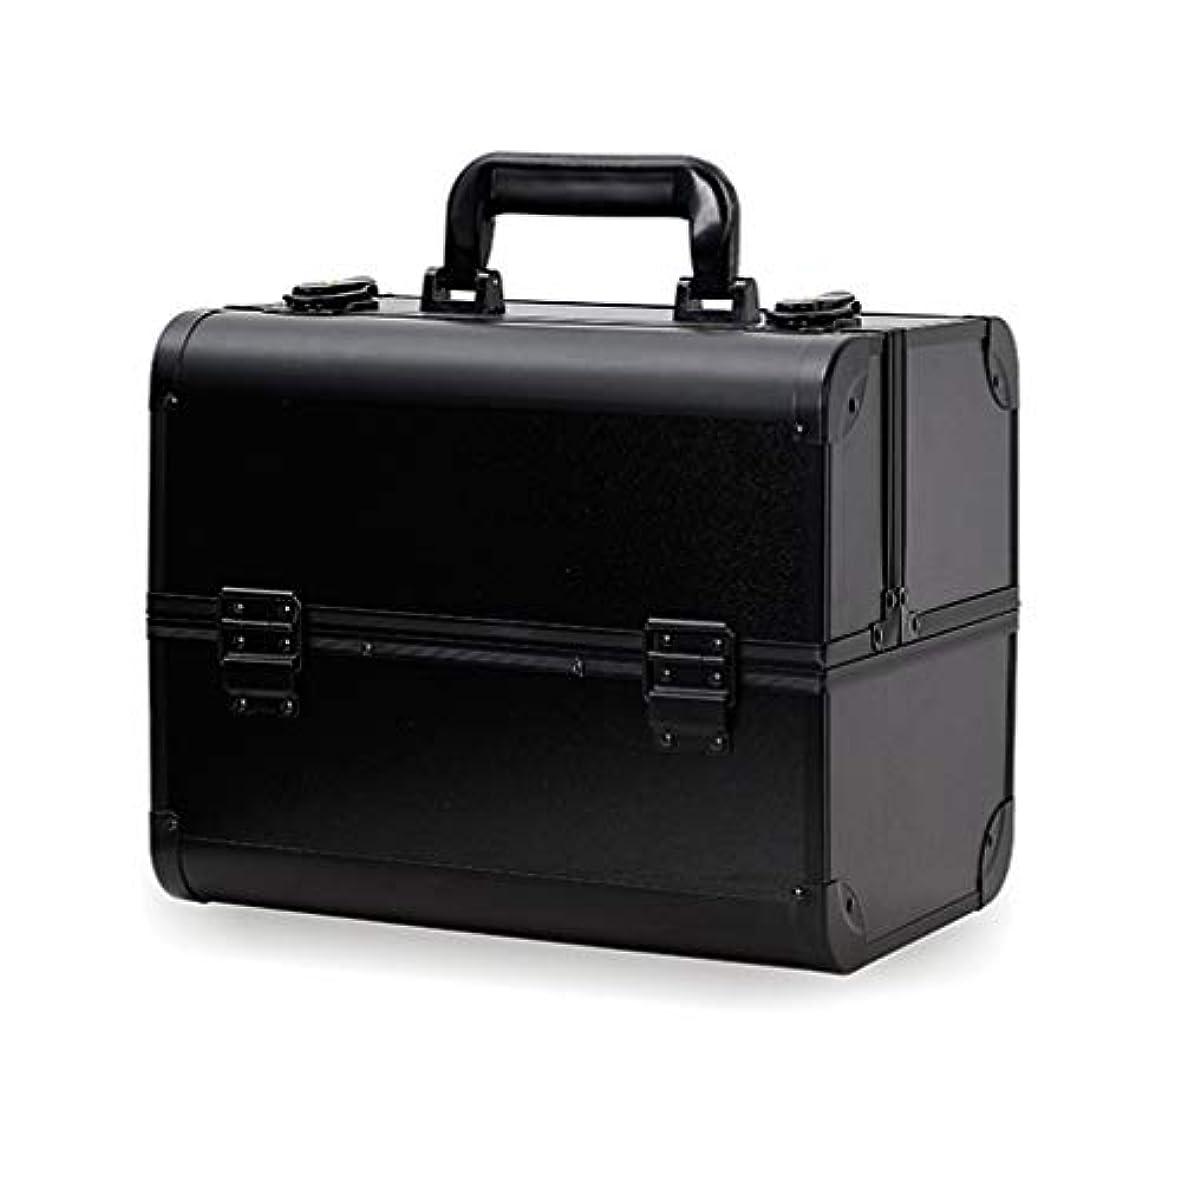 インシュレータリーガンレイメイクボックス コスメボックス 大容量 2段 化粧ボックス プロ 収納力抜群 鍵付き 洗える 肩掛け かわいい プレゼント 彼女友達へ 取っ手付 コスメBOX ブラック L